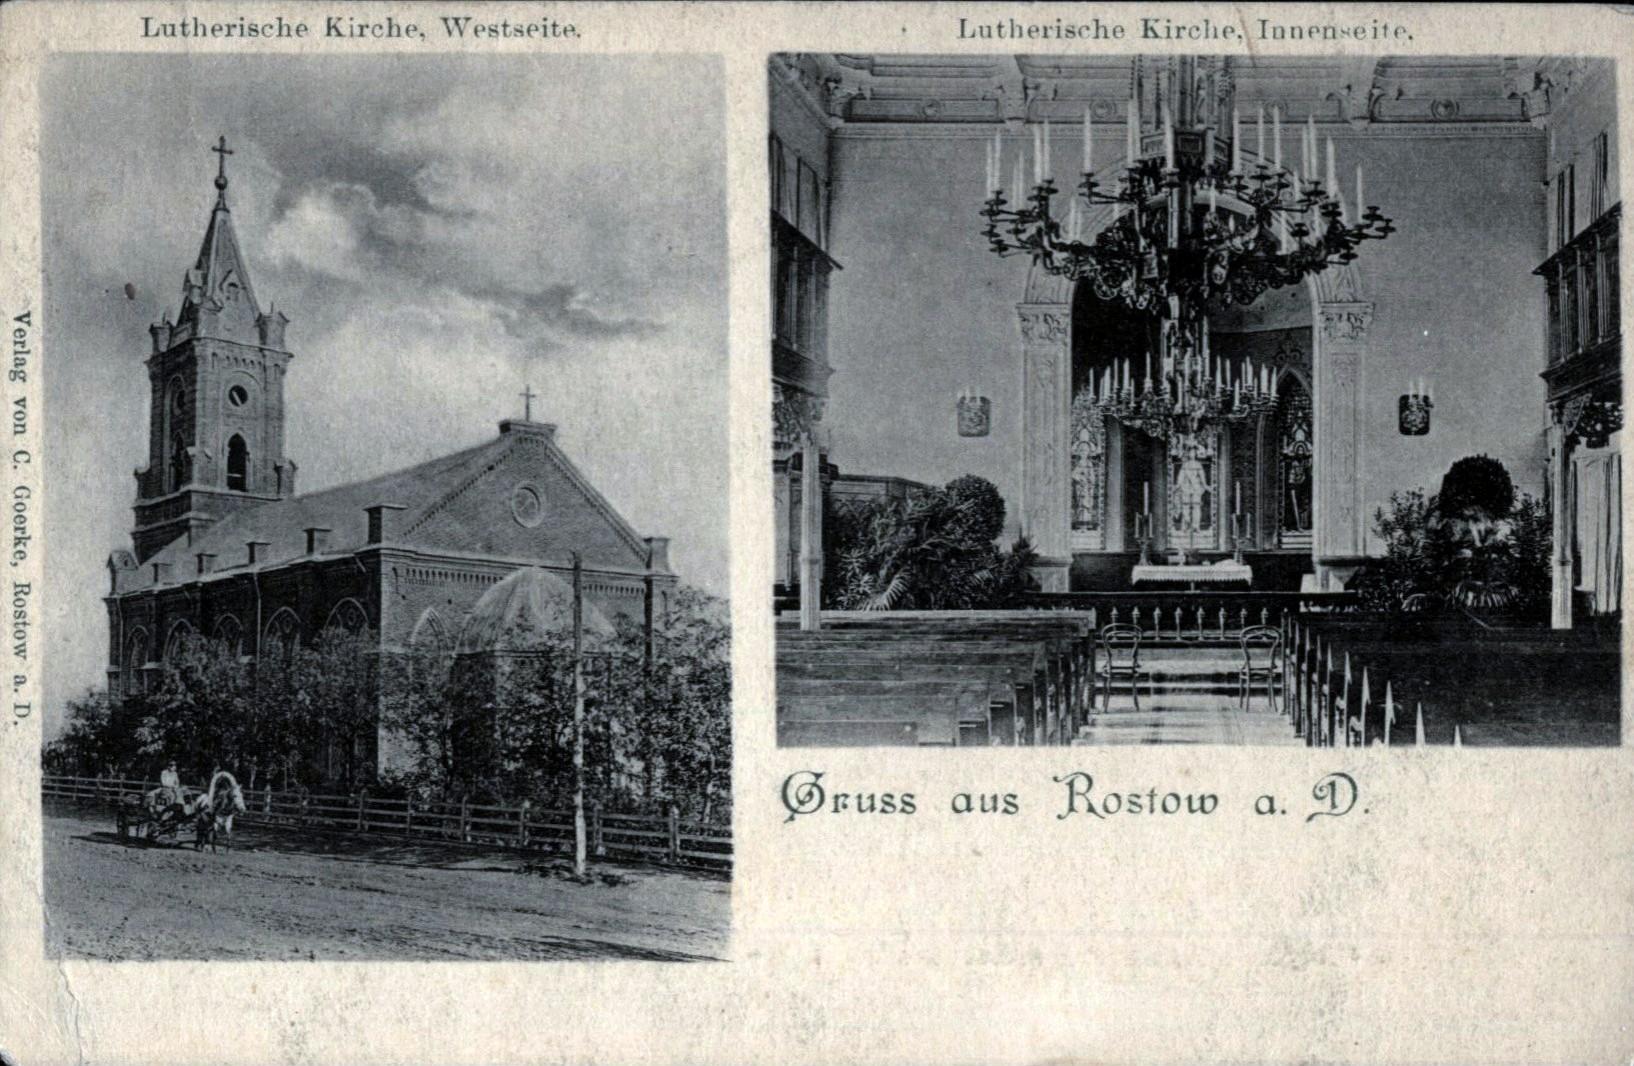 Лютеранская кирха. Немецкое издание